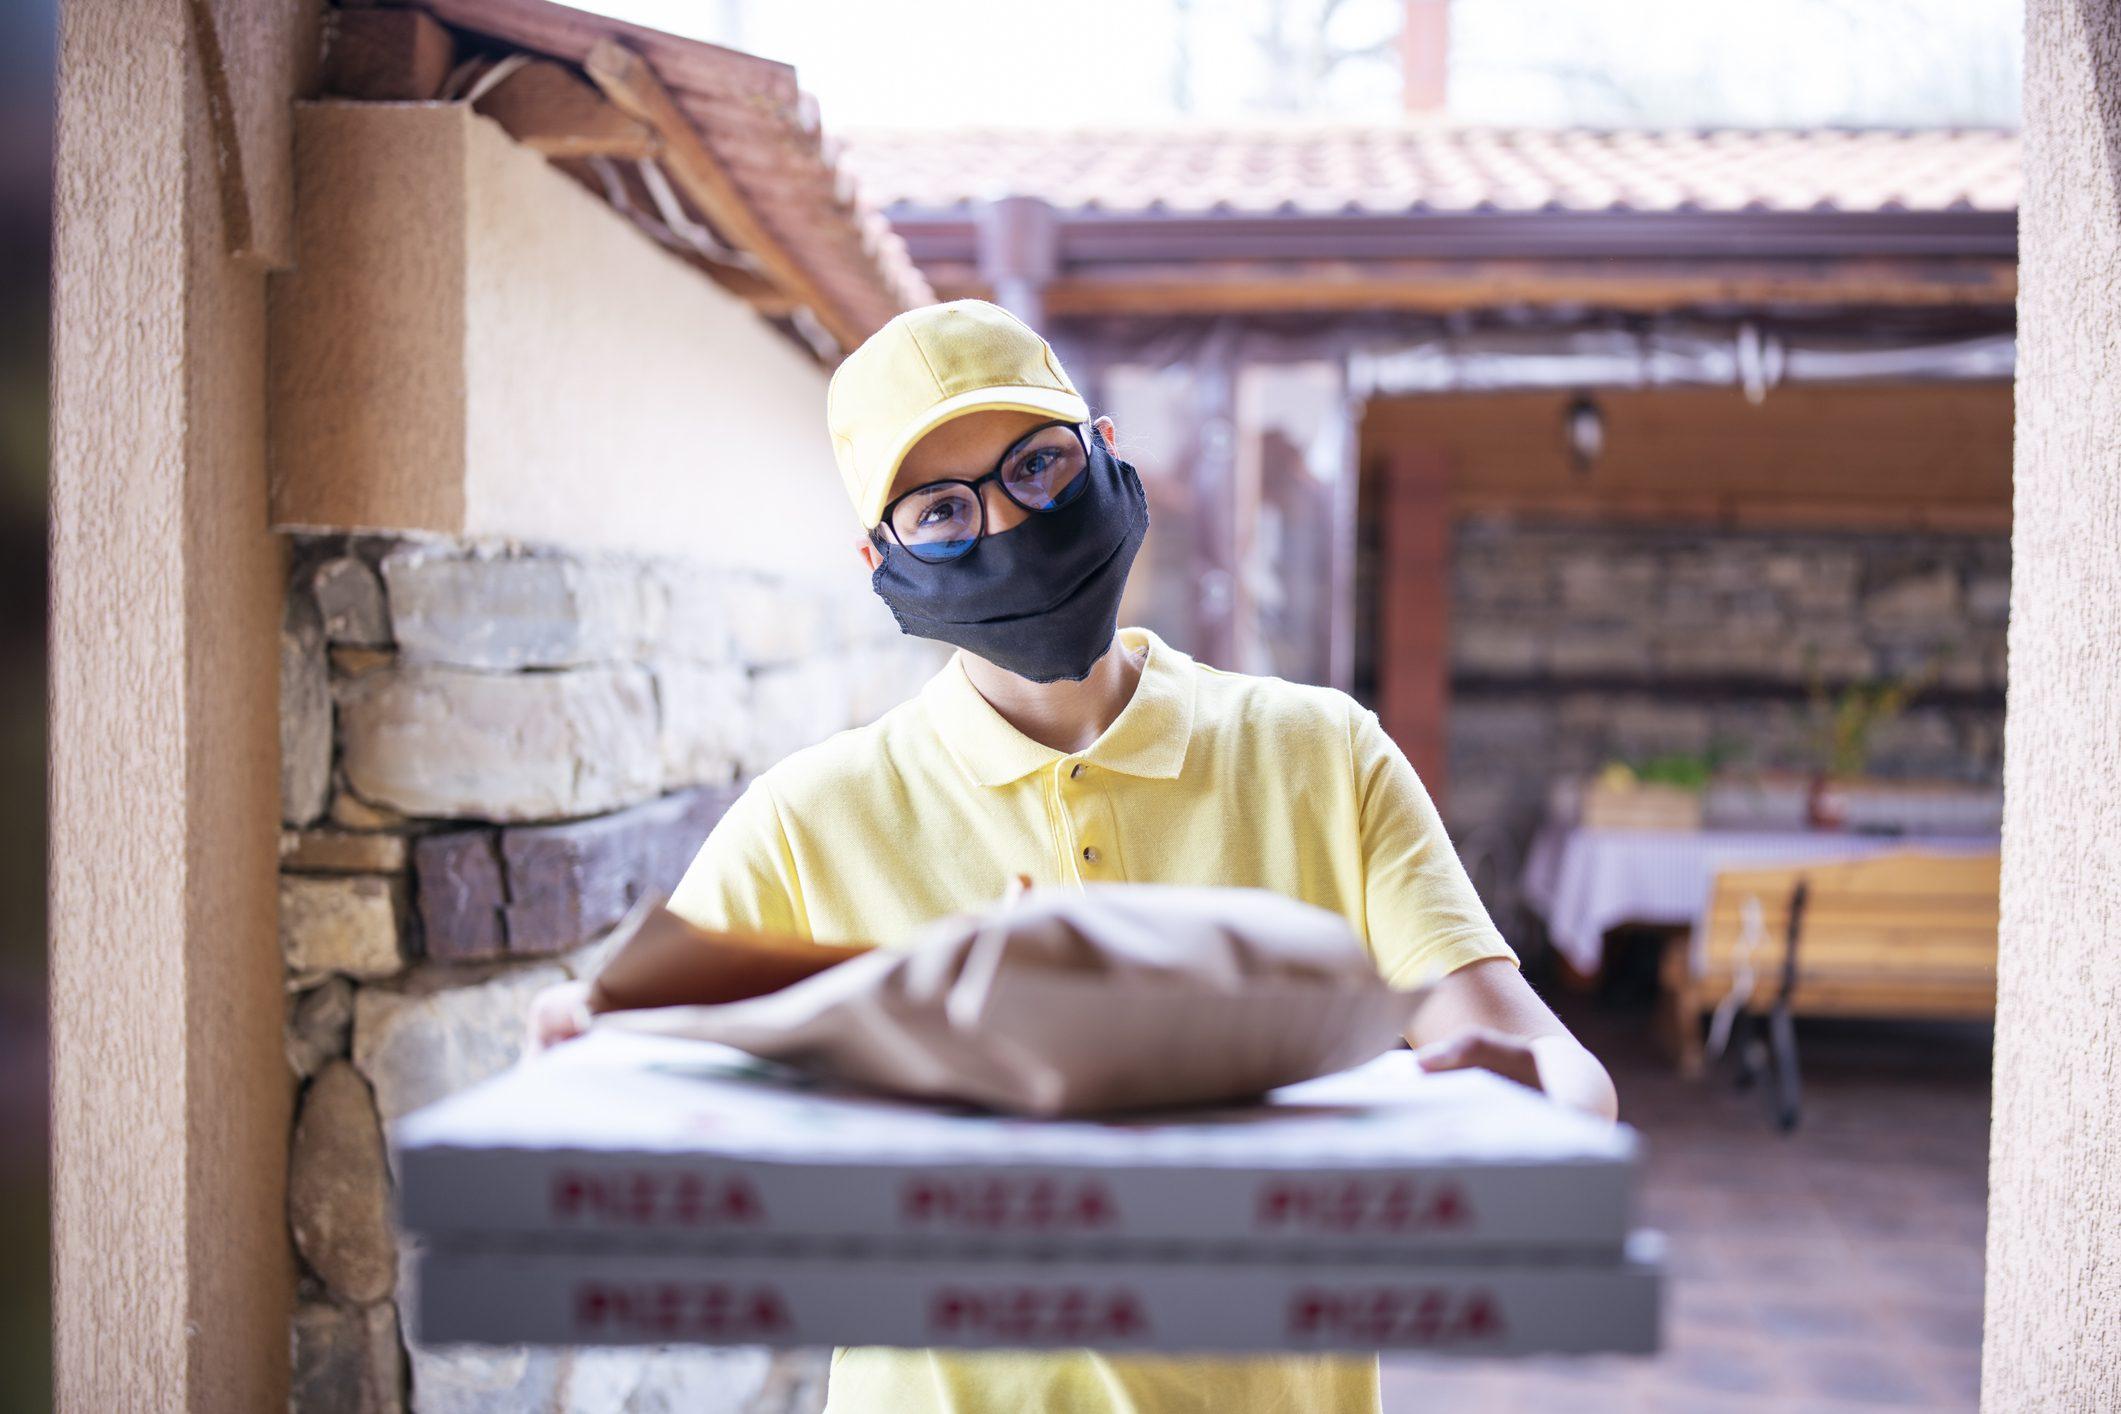 Le cloud kitchen arrivano in Italia: cosa sono e perché possono aiutare i ristoratori